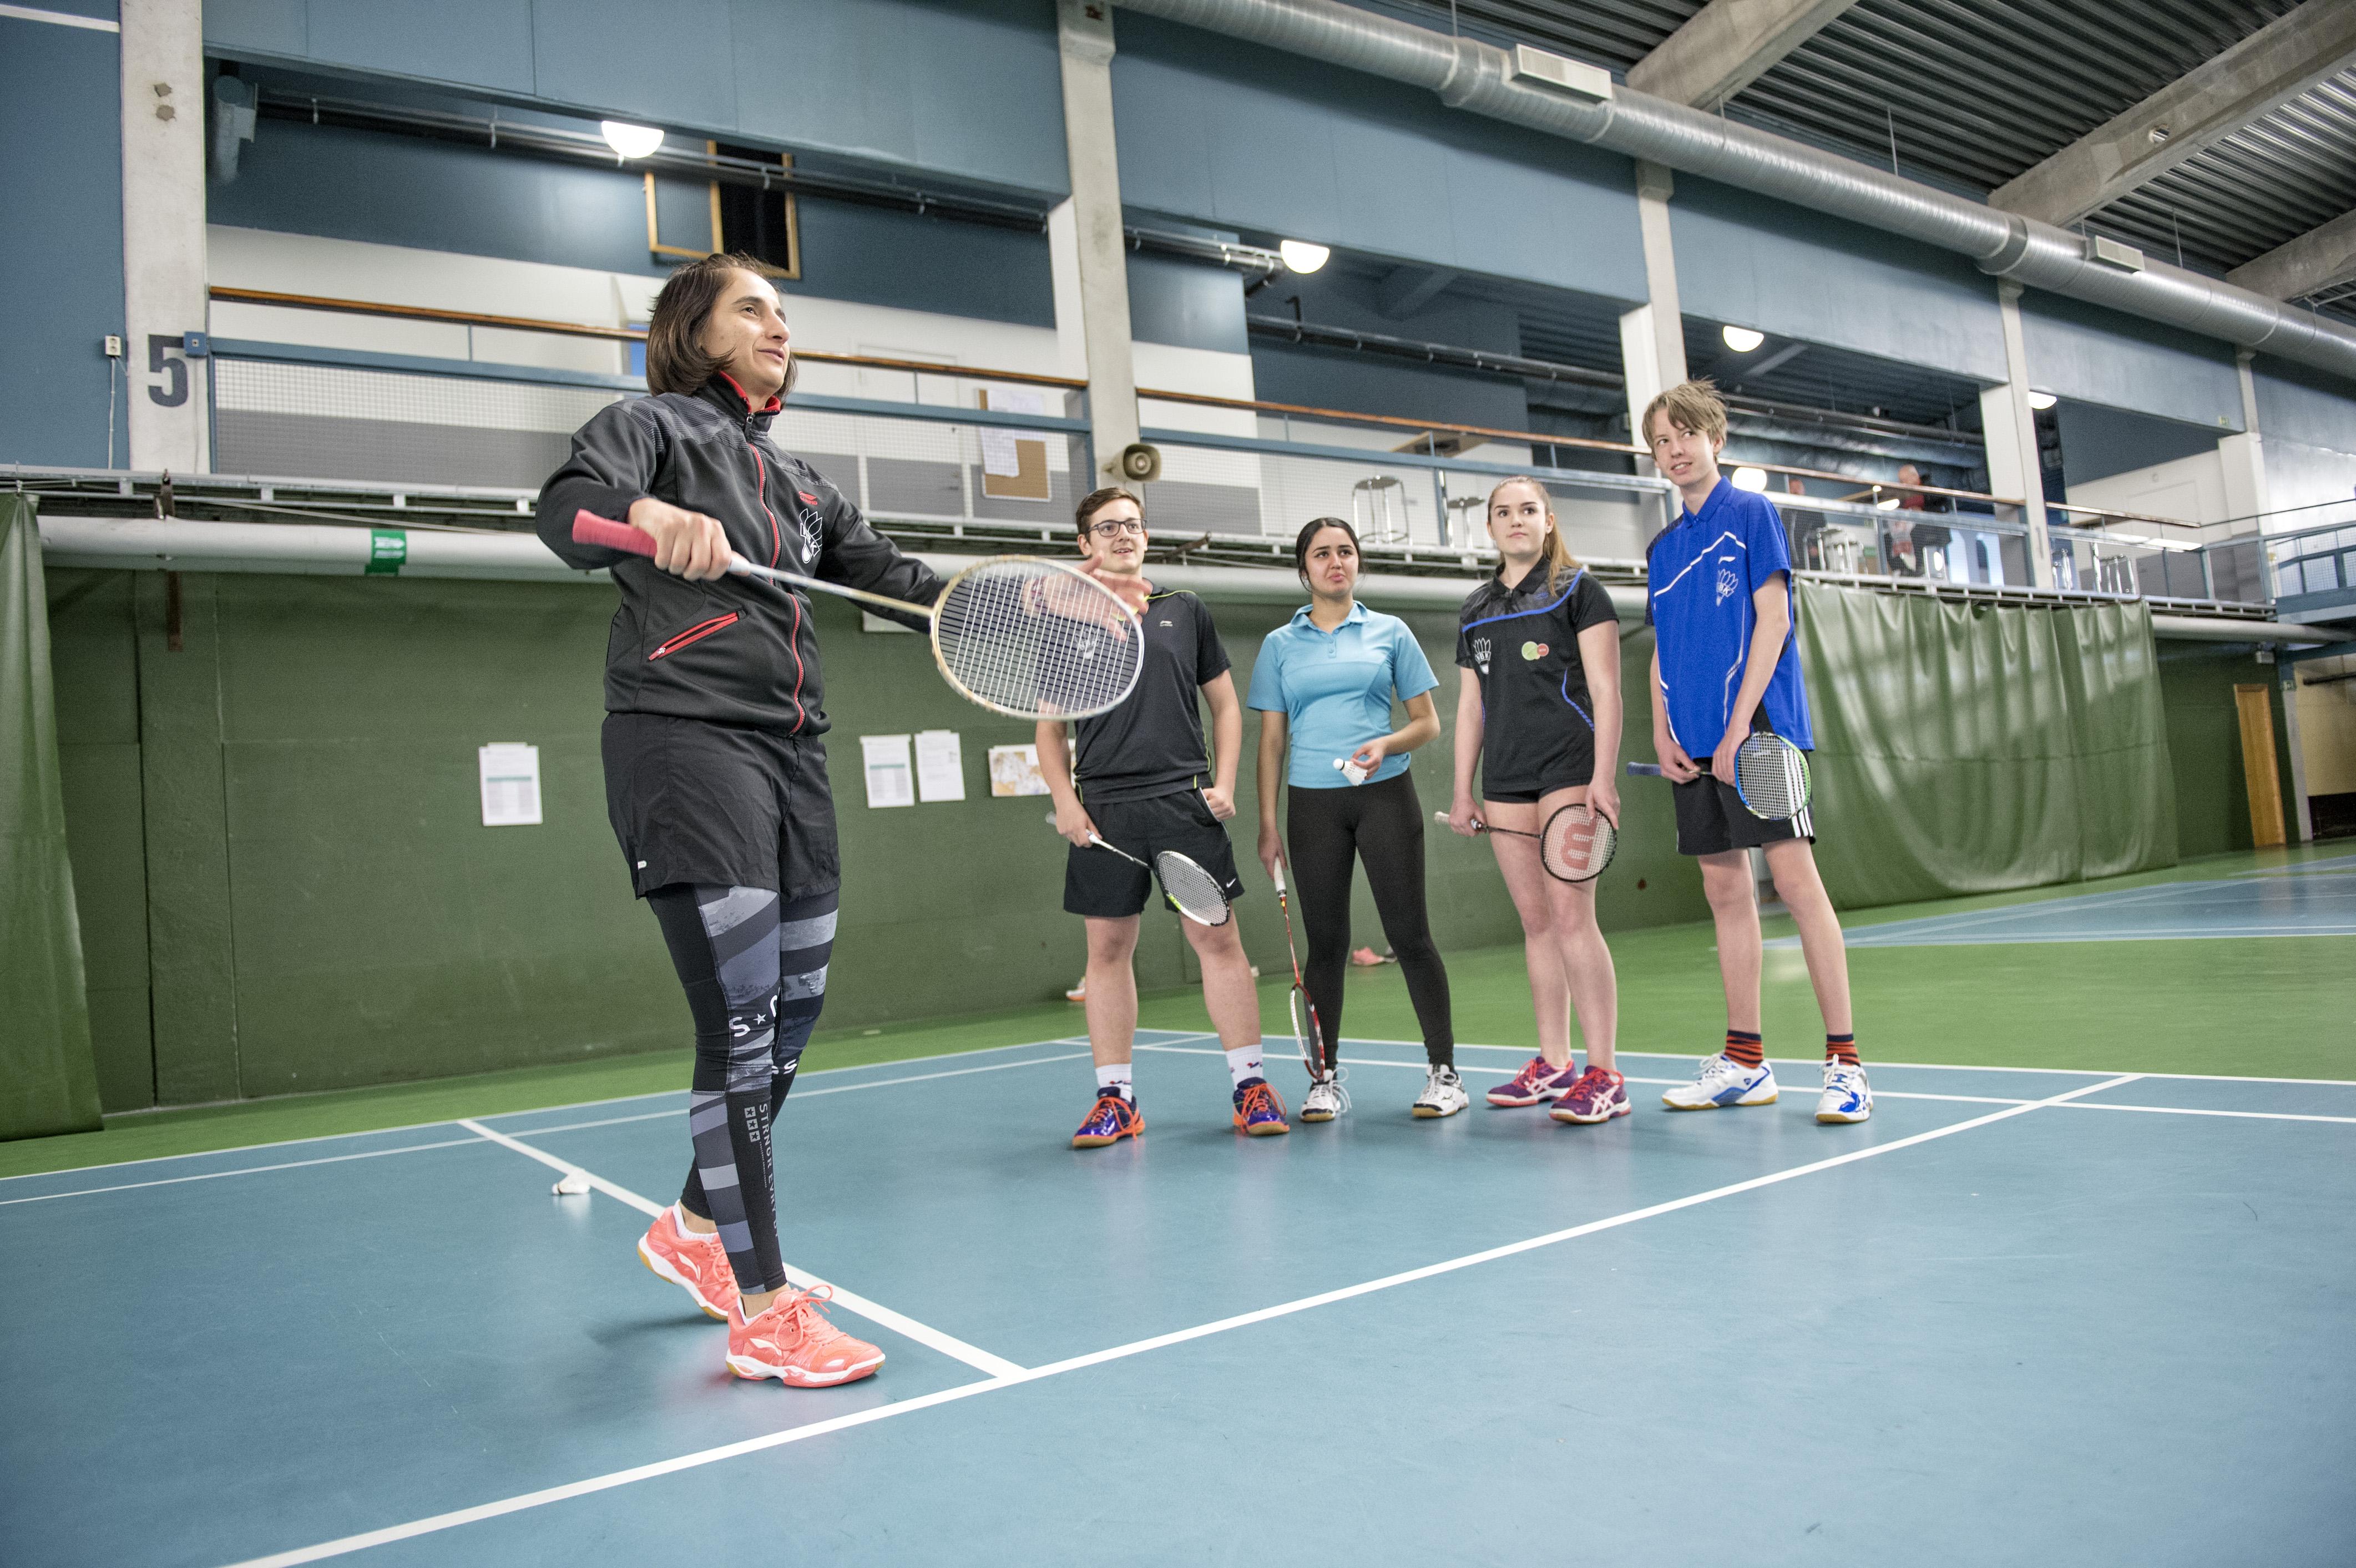 d68002ffdeb I vårt arbete med att utveckla ett nytt utbildningsutbud och stöd till dig  som tränare inom idrotten har vi utvecklat värdefulla samarbeten med andra  ...